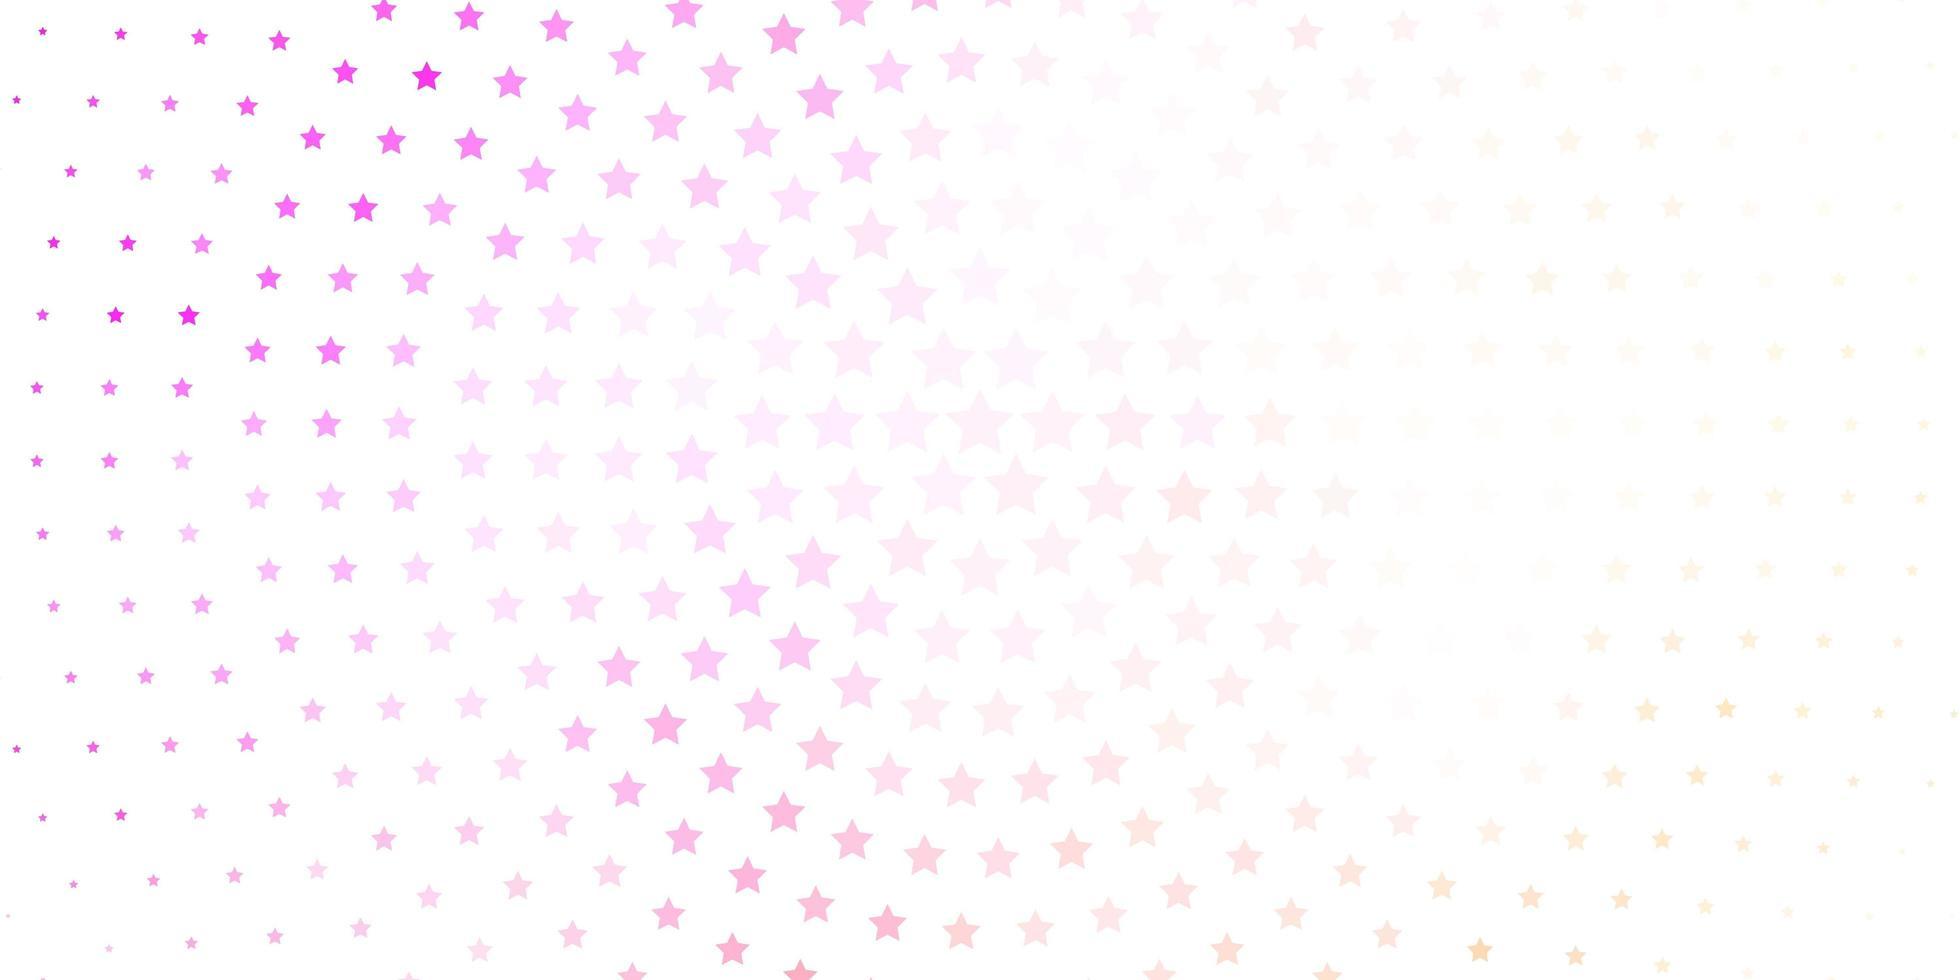 hellrosa Vektorhintergrund mit bunten Sternen. vektor